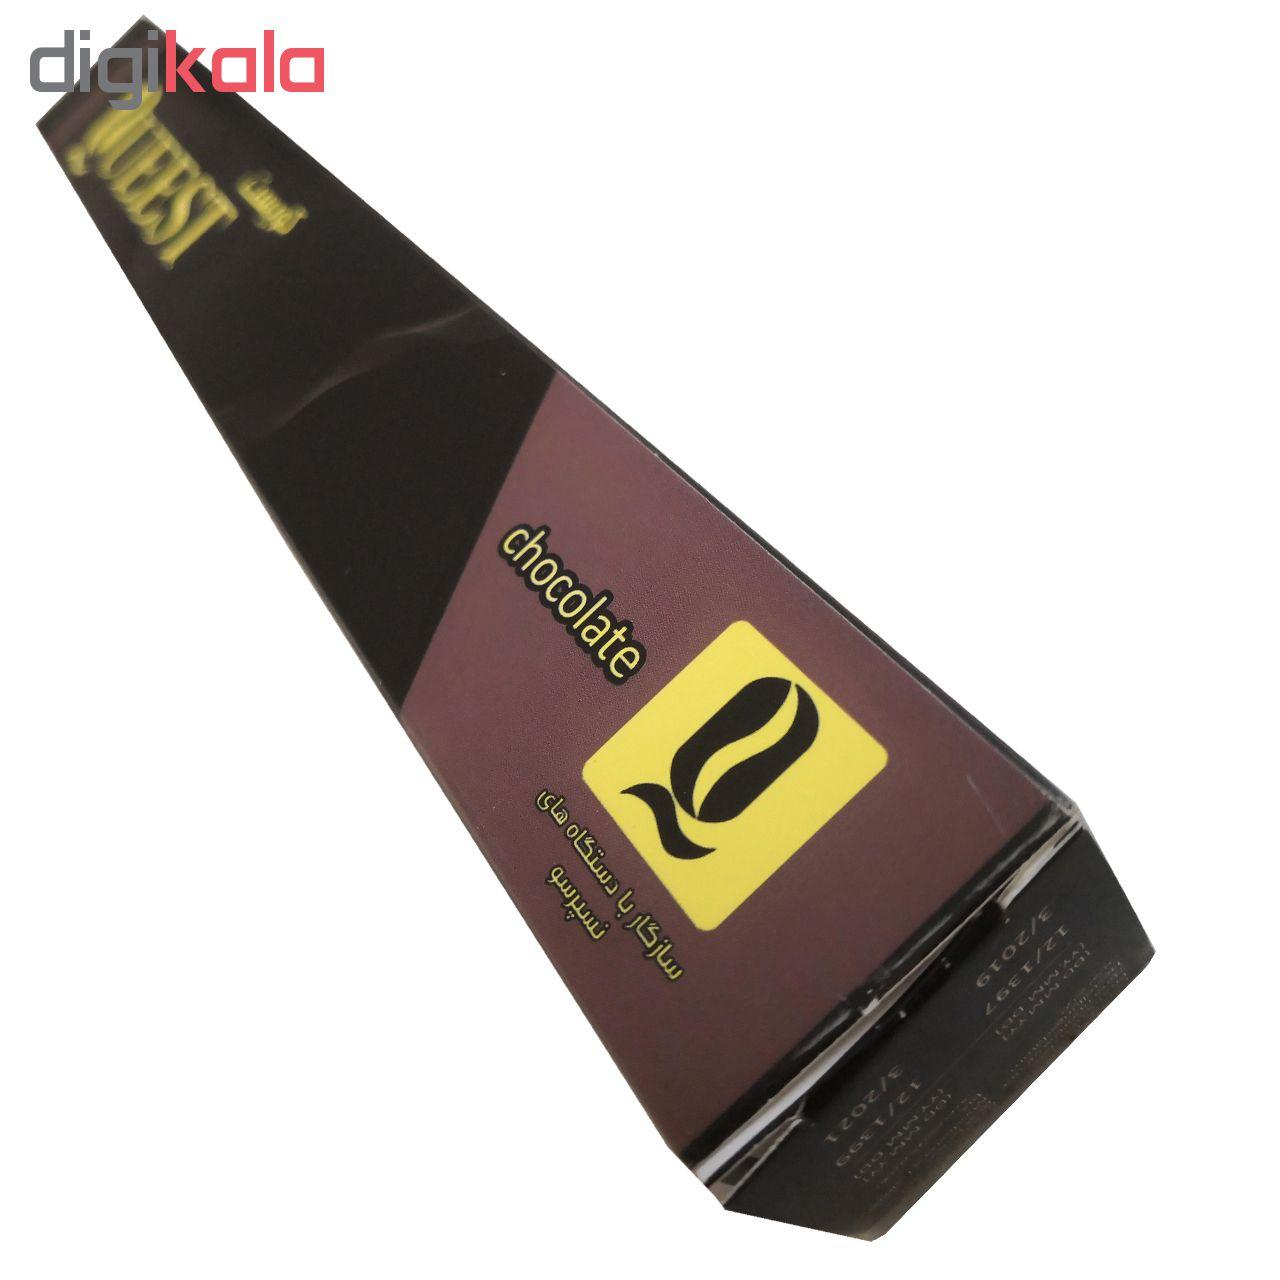 کپسول قهوه دستگاه نسپرسو کوئست مدل Chocolate بسته 10 عددی